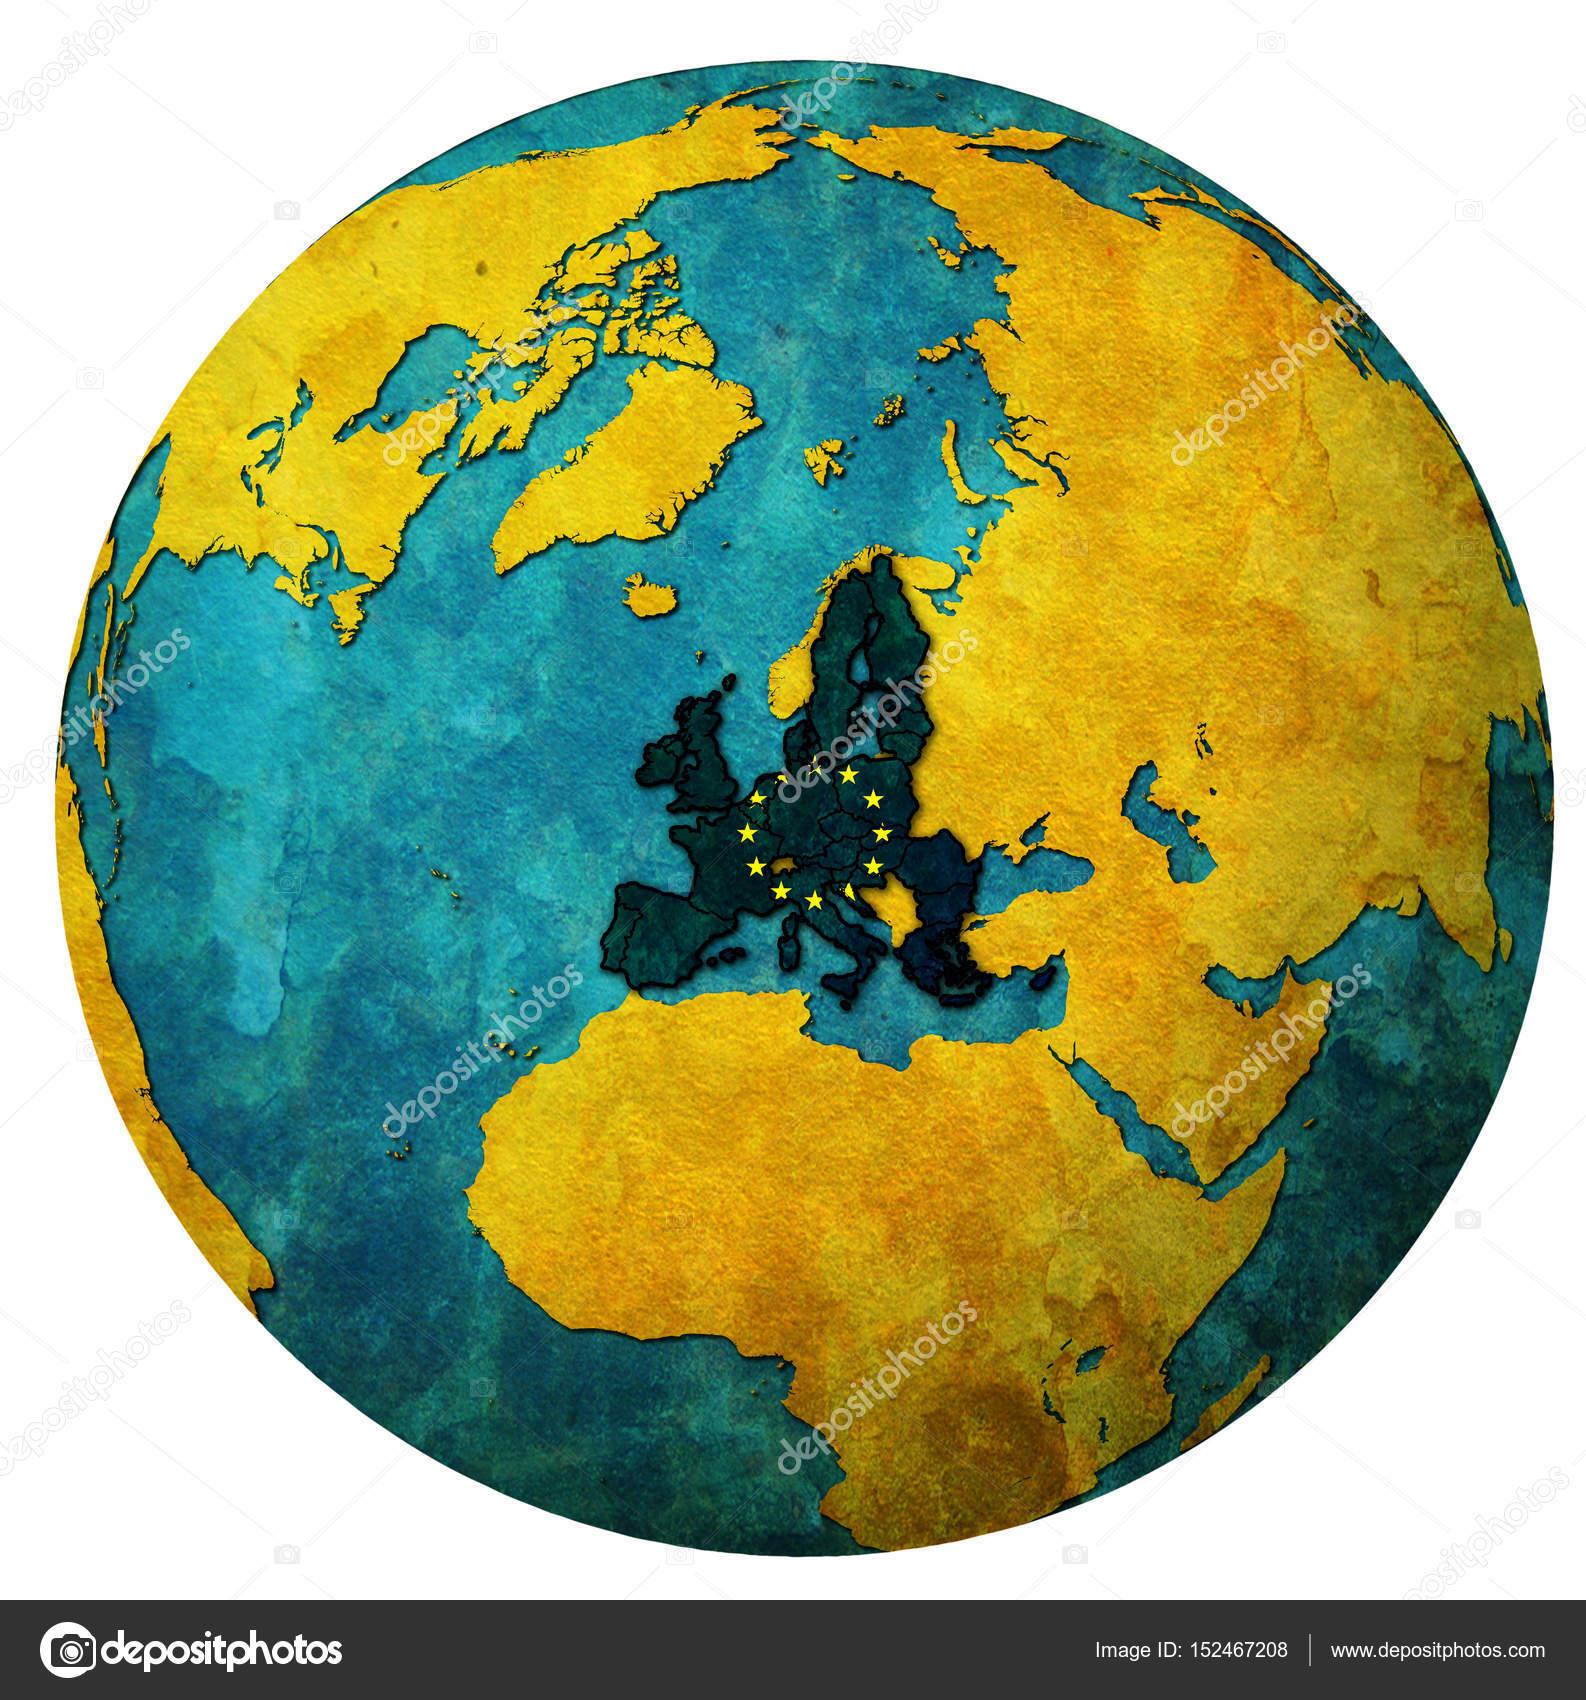 Karta Varlden Europa.Europeiska Unionens Territorium Med Flagga Over Varlden Karta